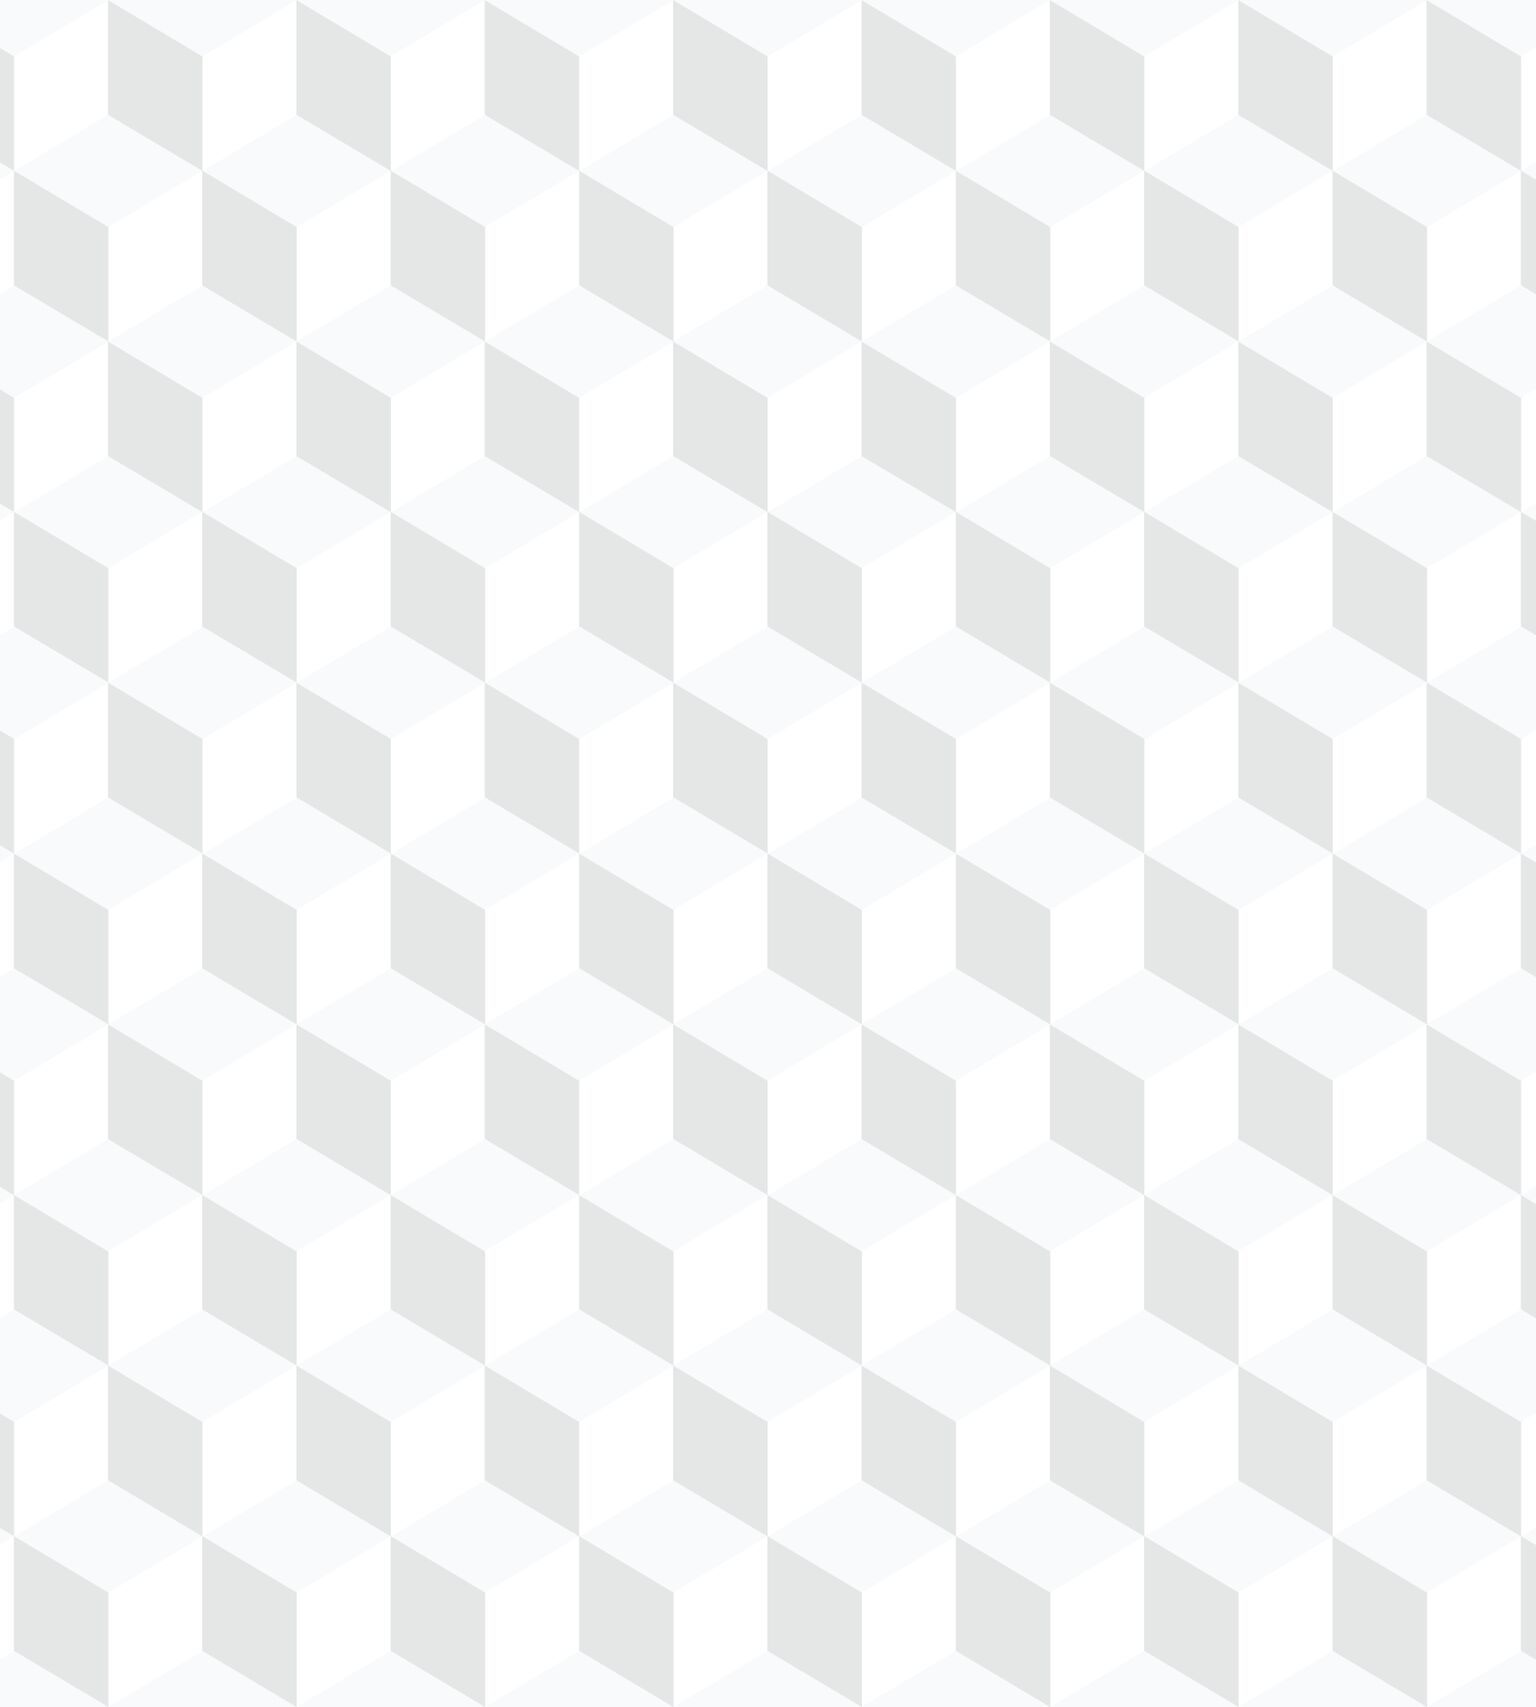 Papel de Parede Infantil Bobinex Vinílico Coleção Brincar Geométrico Cinza, Branco, Creme